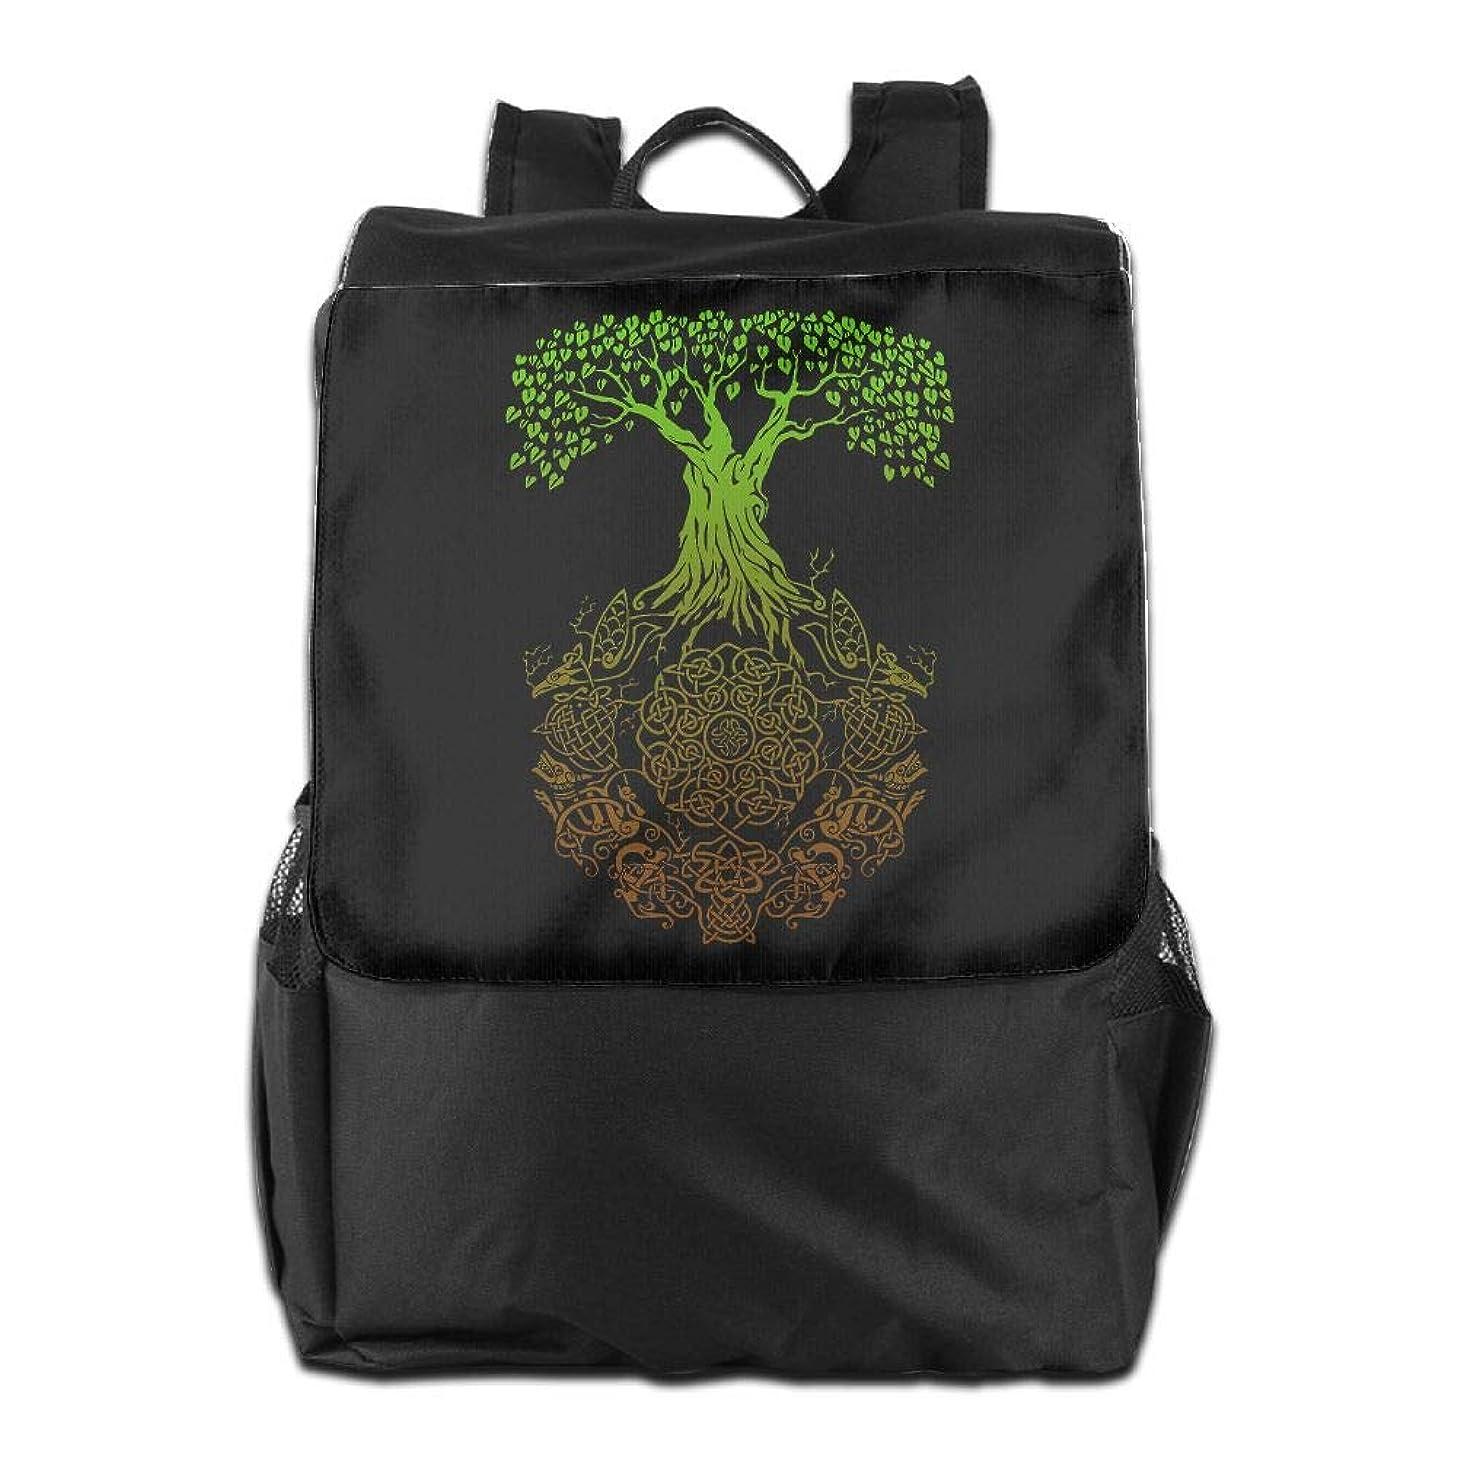 Louise Morrison Celtic Tree Of Life Women Men Laptop Travel Backpack College School Bookbag